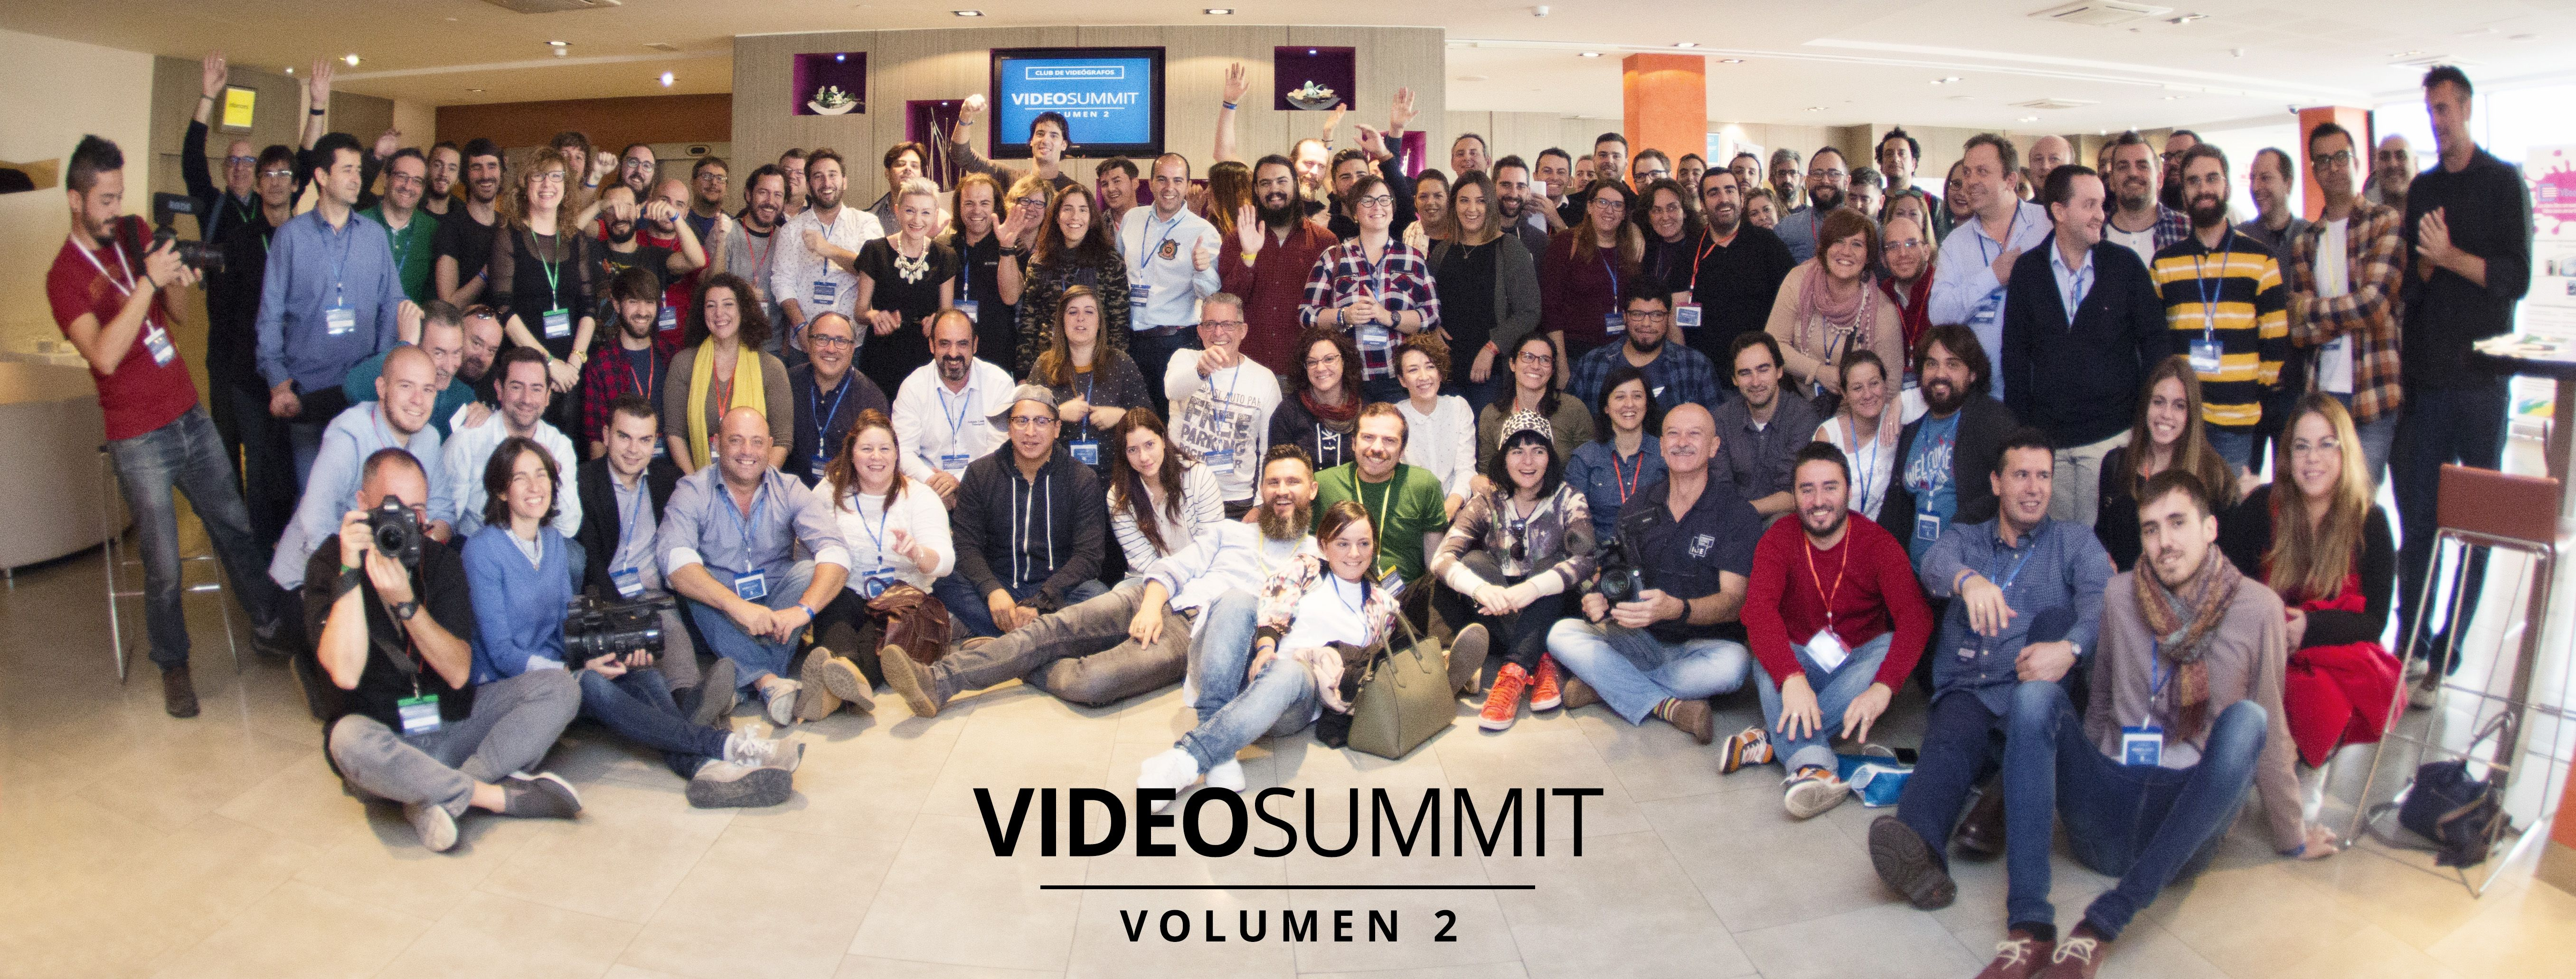 Club de videografos